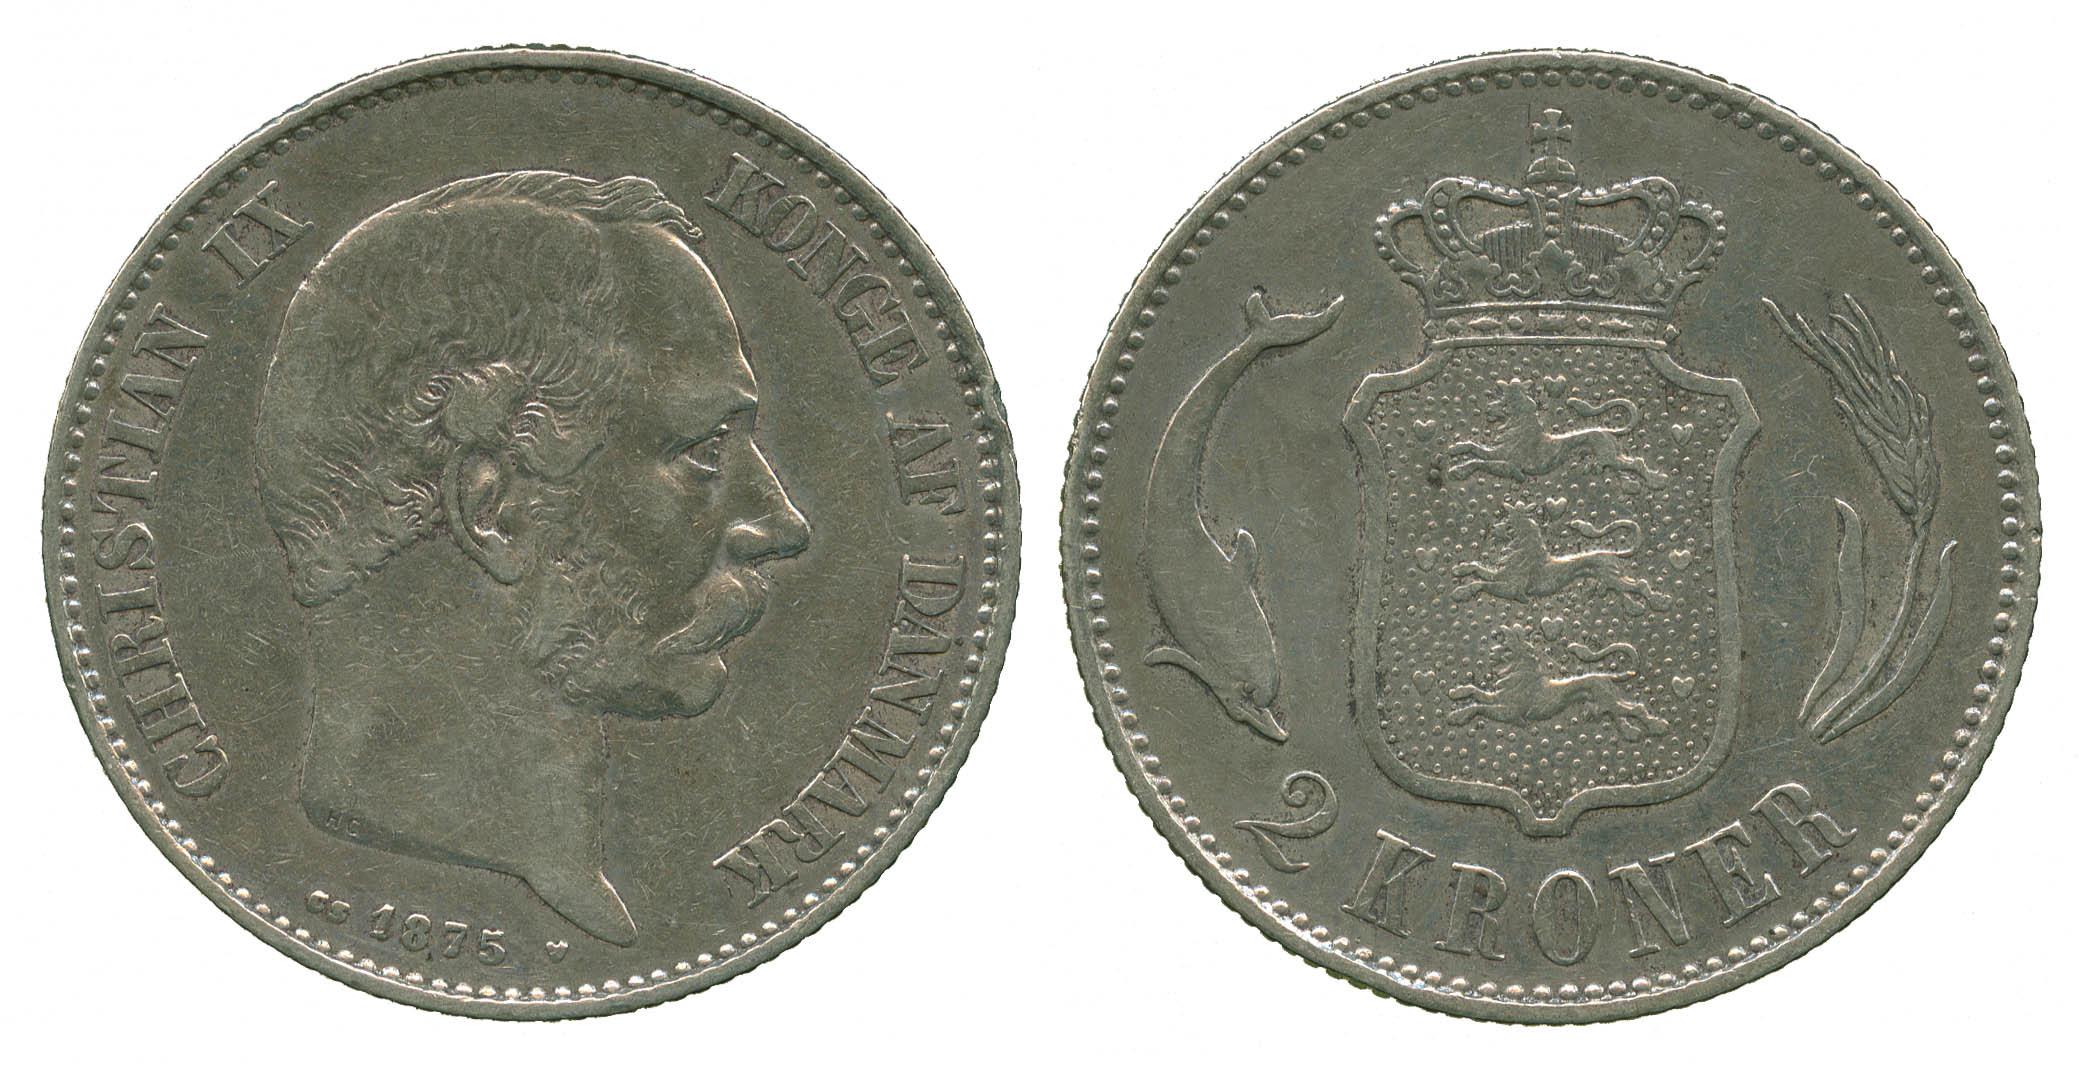 Denmark, Christian IX, silver 2 Kroner, 1875